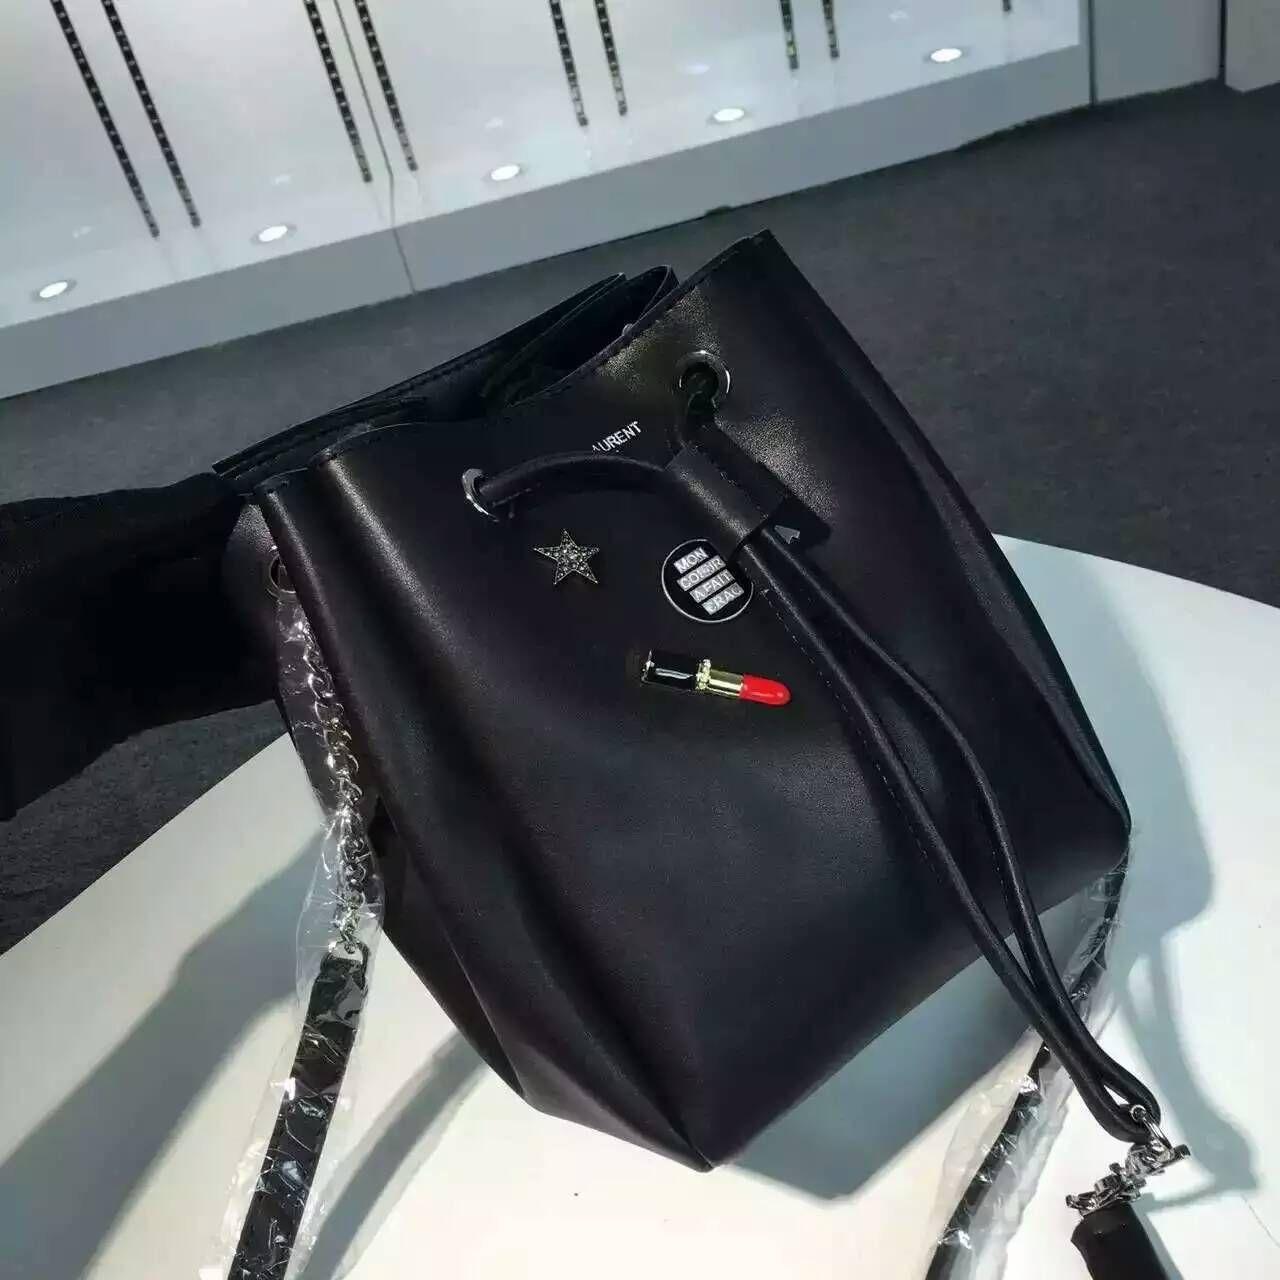 7b7b7738c210 Limited Edition!2016 New Saint Laurent Bag Cheap Sale-Saint Laurent Medium Emmanuelle  Bucket Bag in Black Leather with Lipstick Decoration